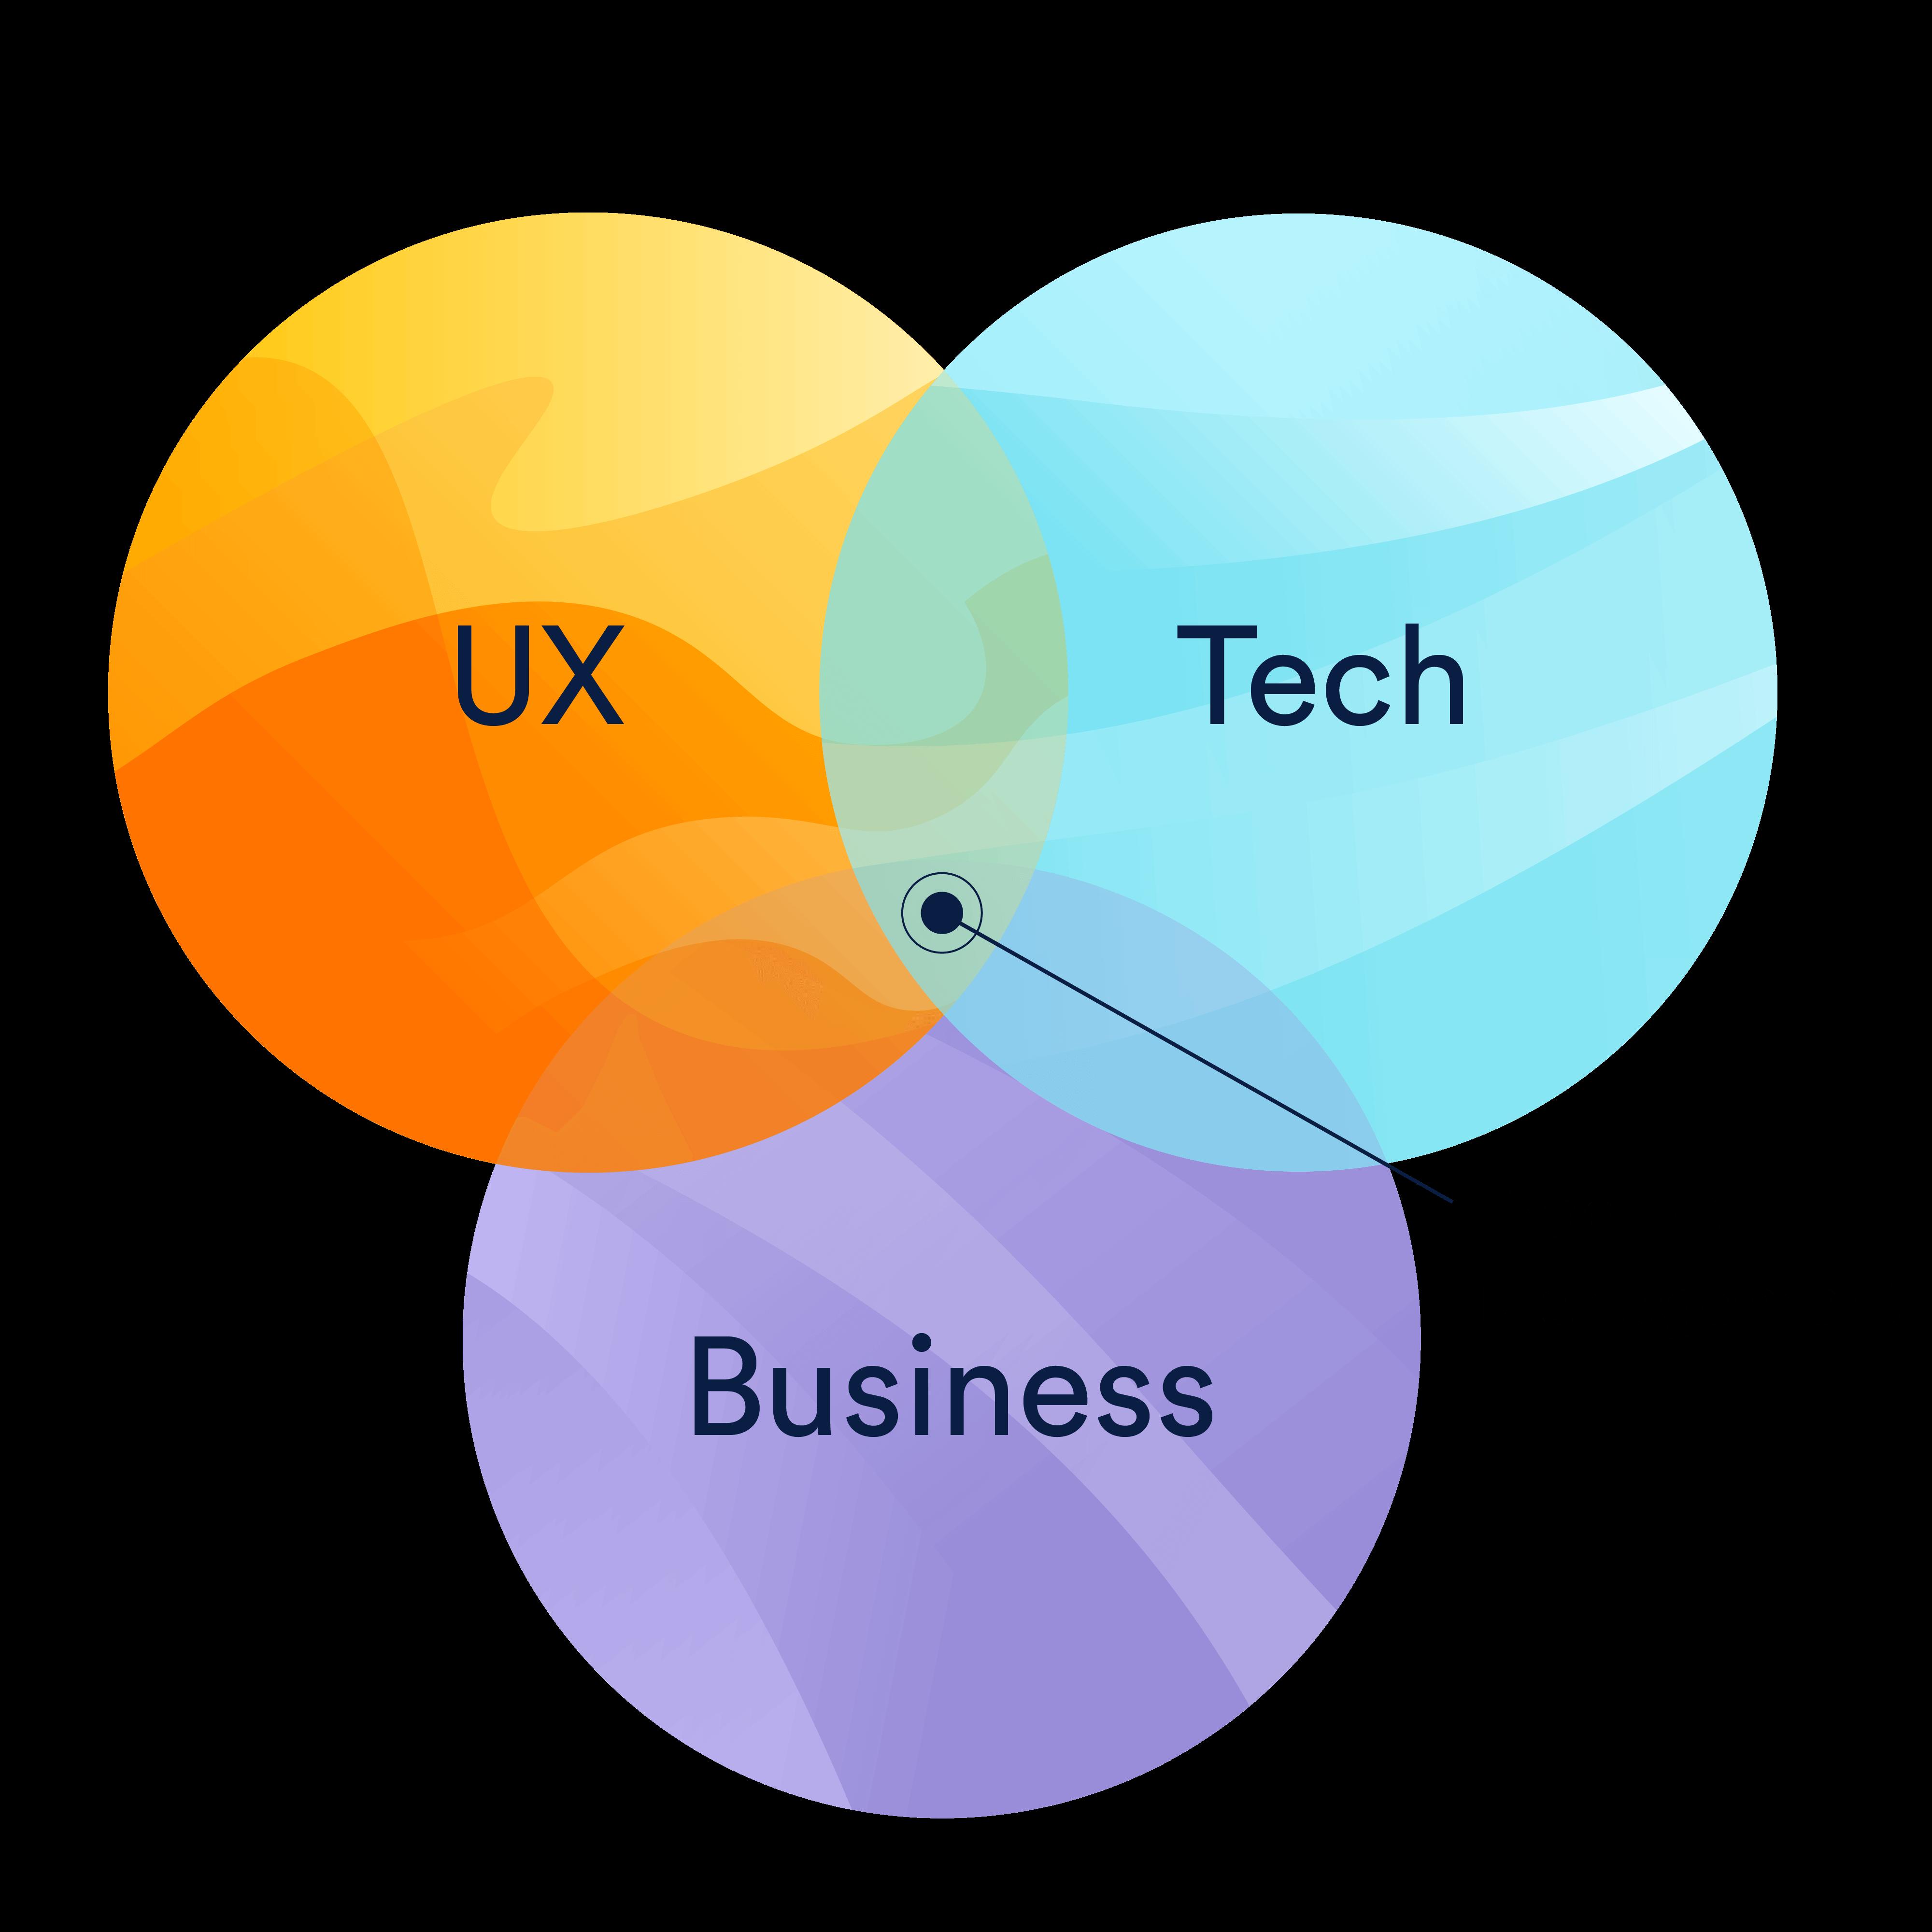 Como bien ha descrito Martin Eriksson, la gestión de productos es la intersección de los negocios, la experiencia de los usuarios y la tecnología.